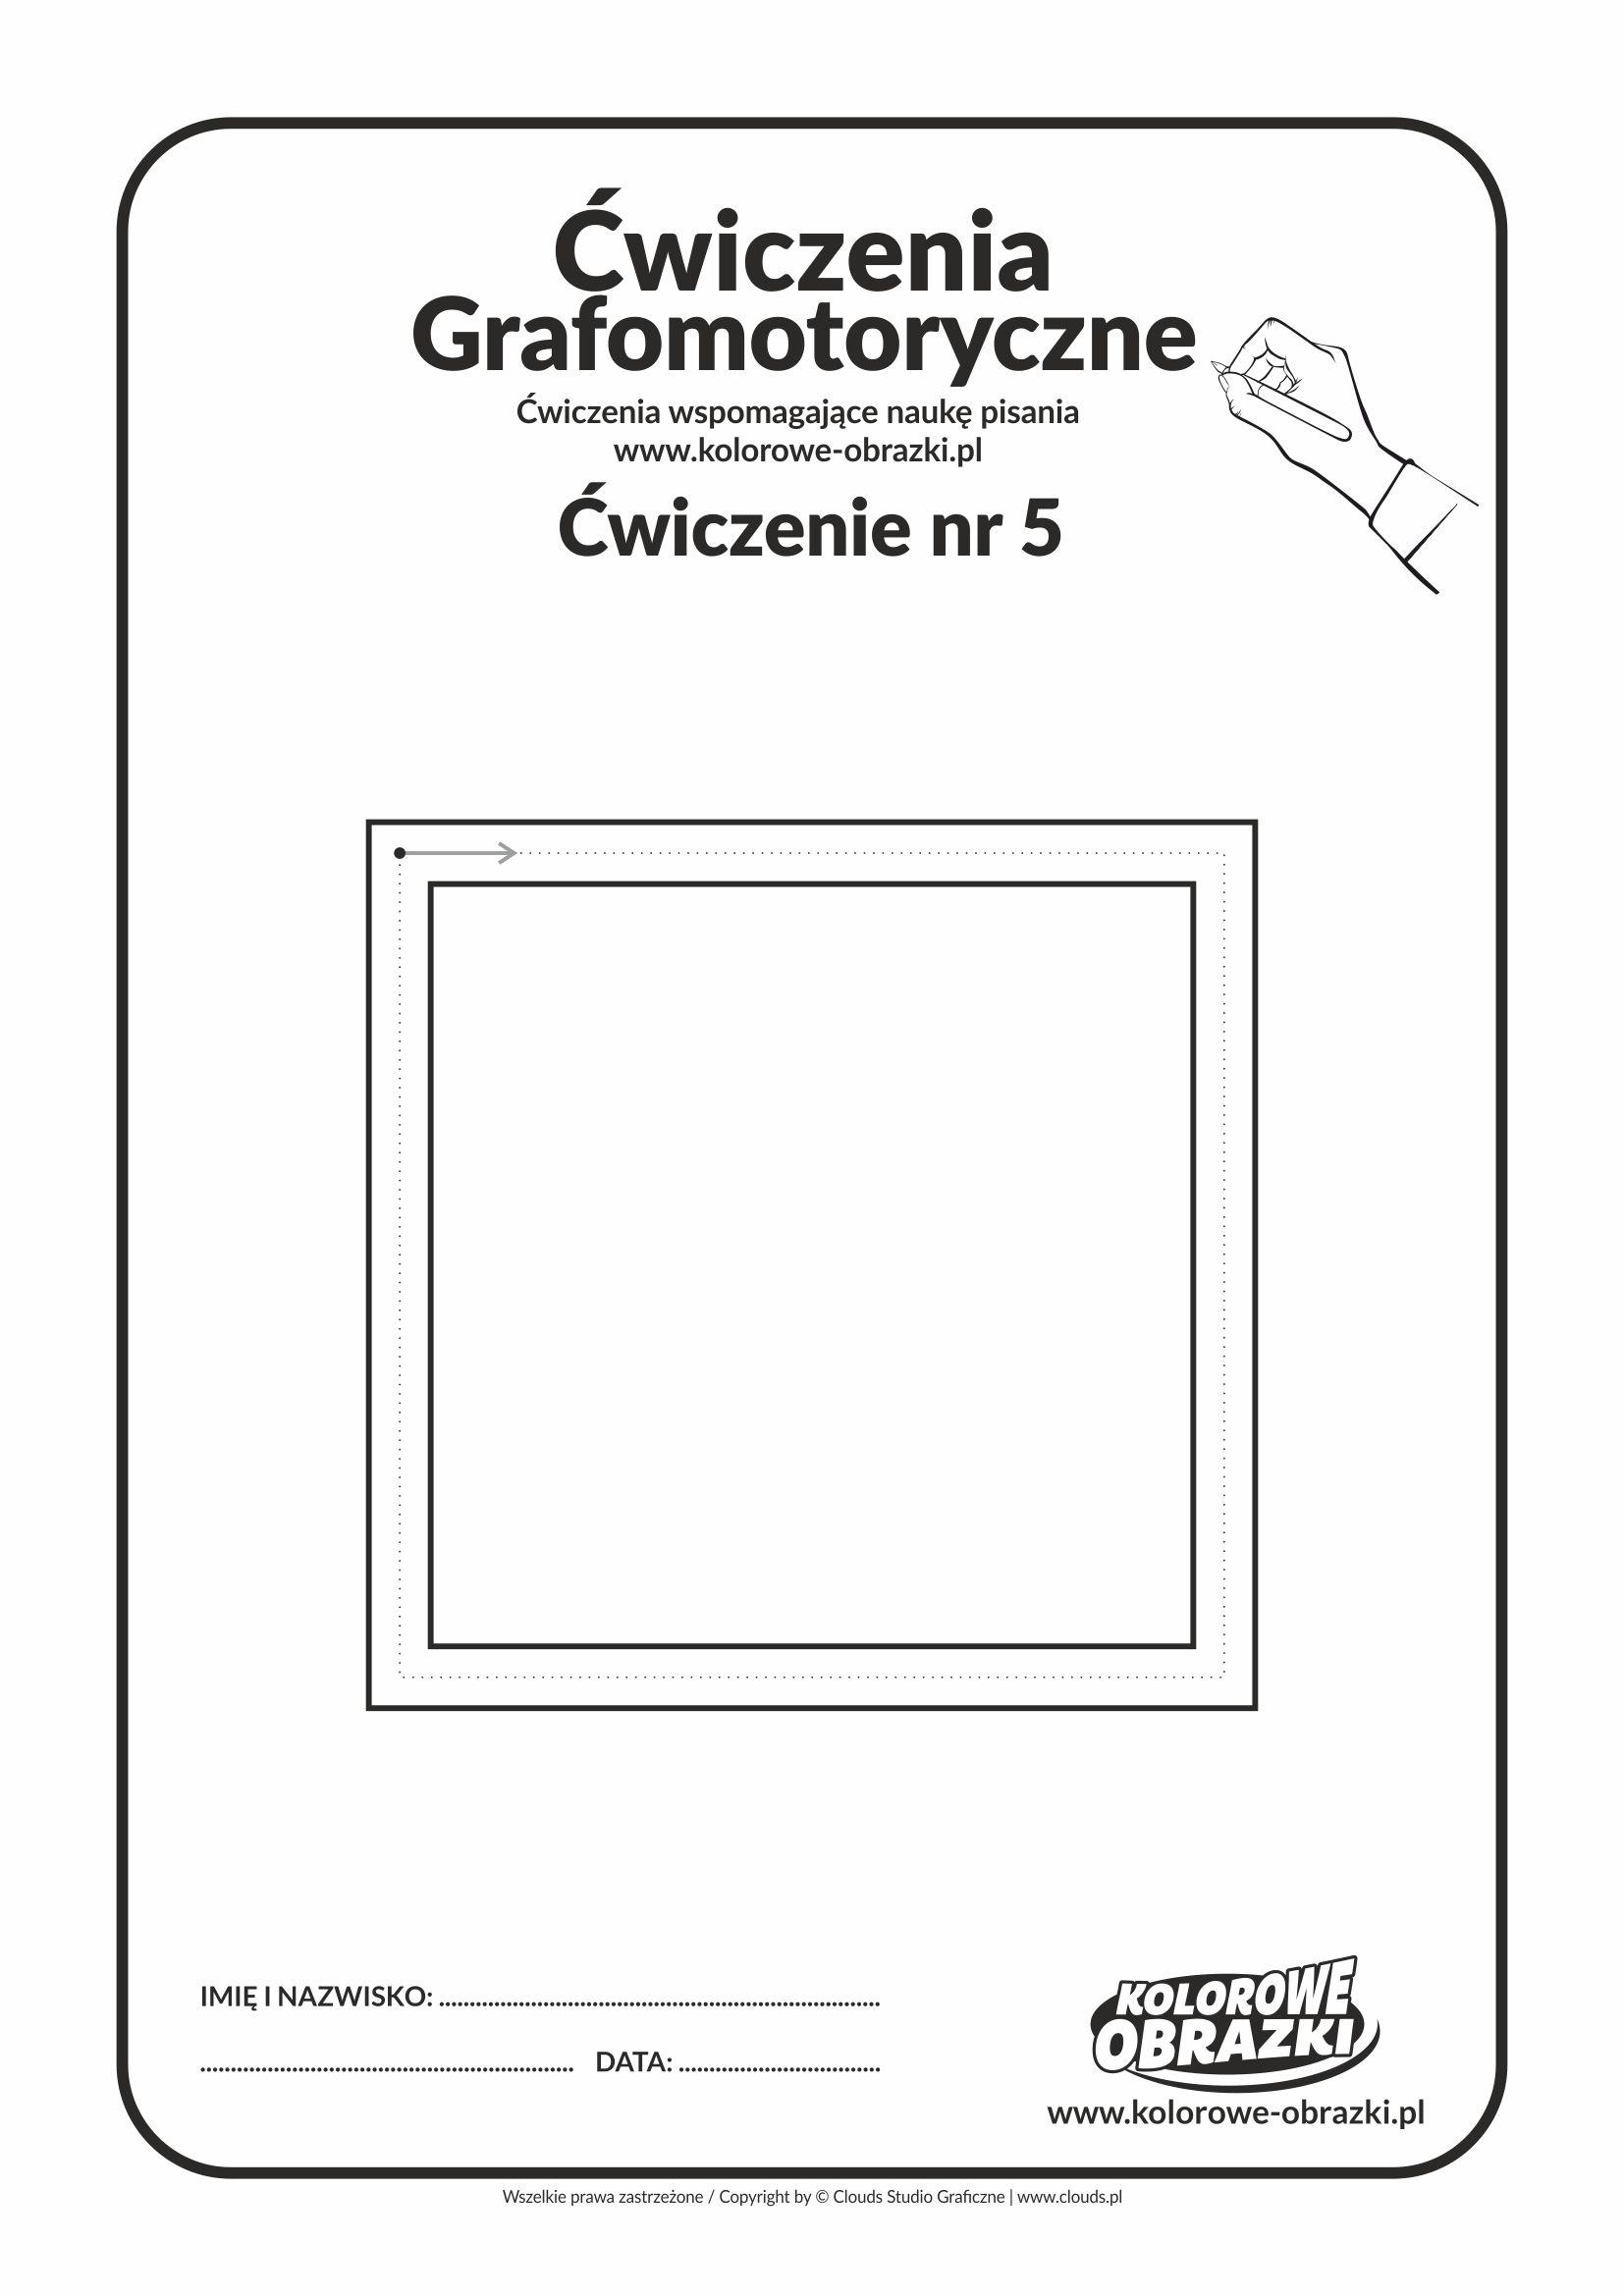 Ćwiczenia grafomotoryczne dla dzieci - ćwiczenie nr 5